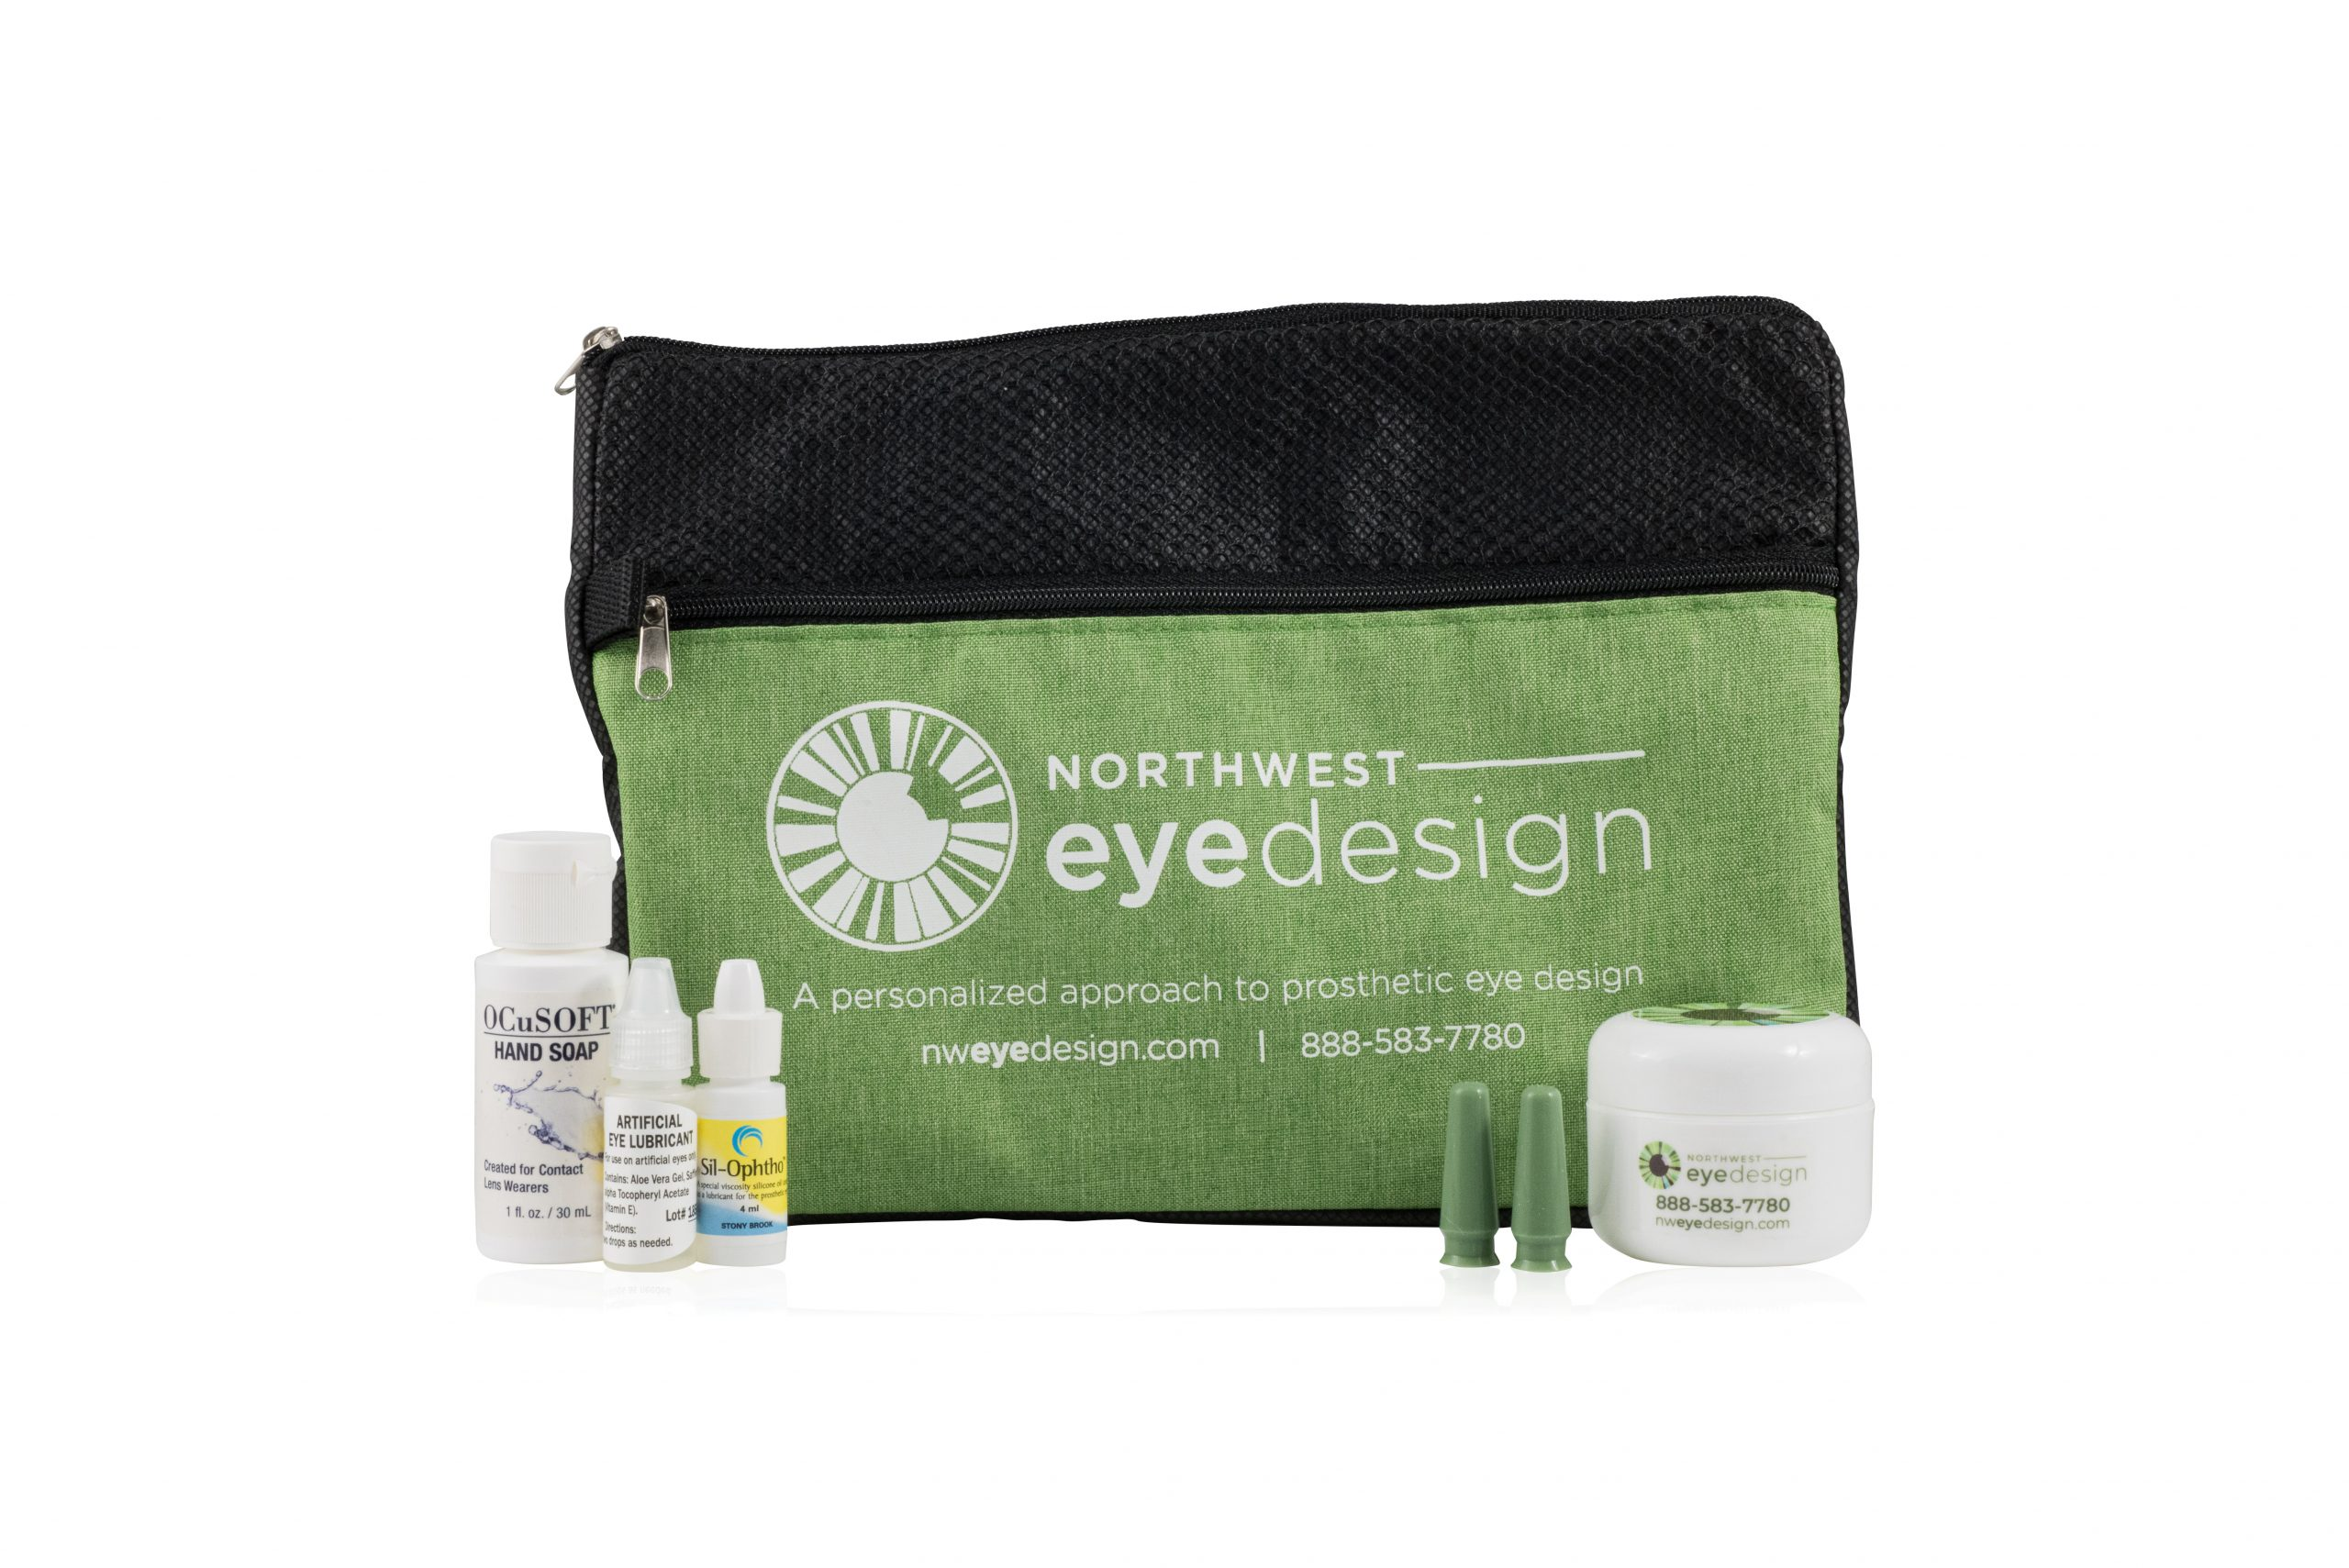 Image of Northwest Eye Design care kit for prosthetic eyes